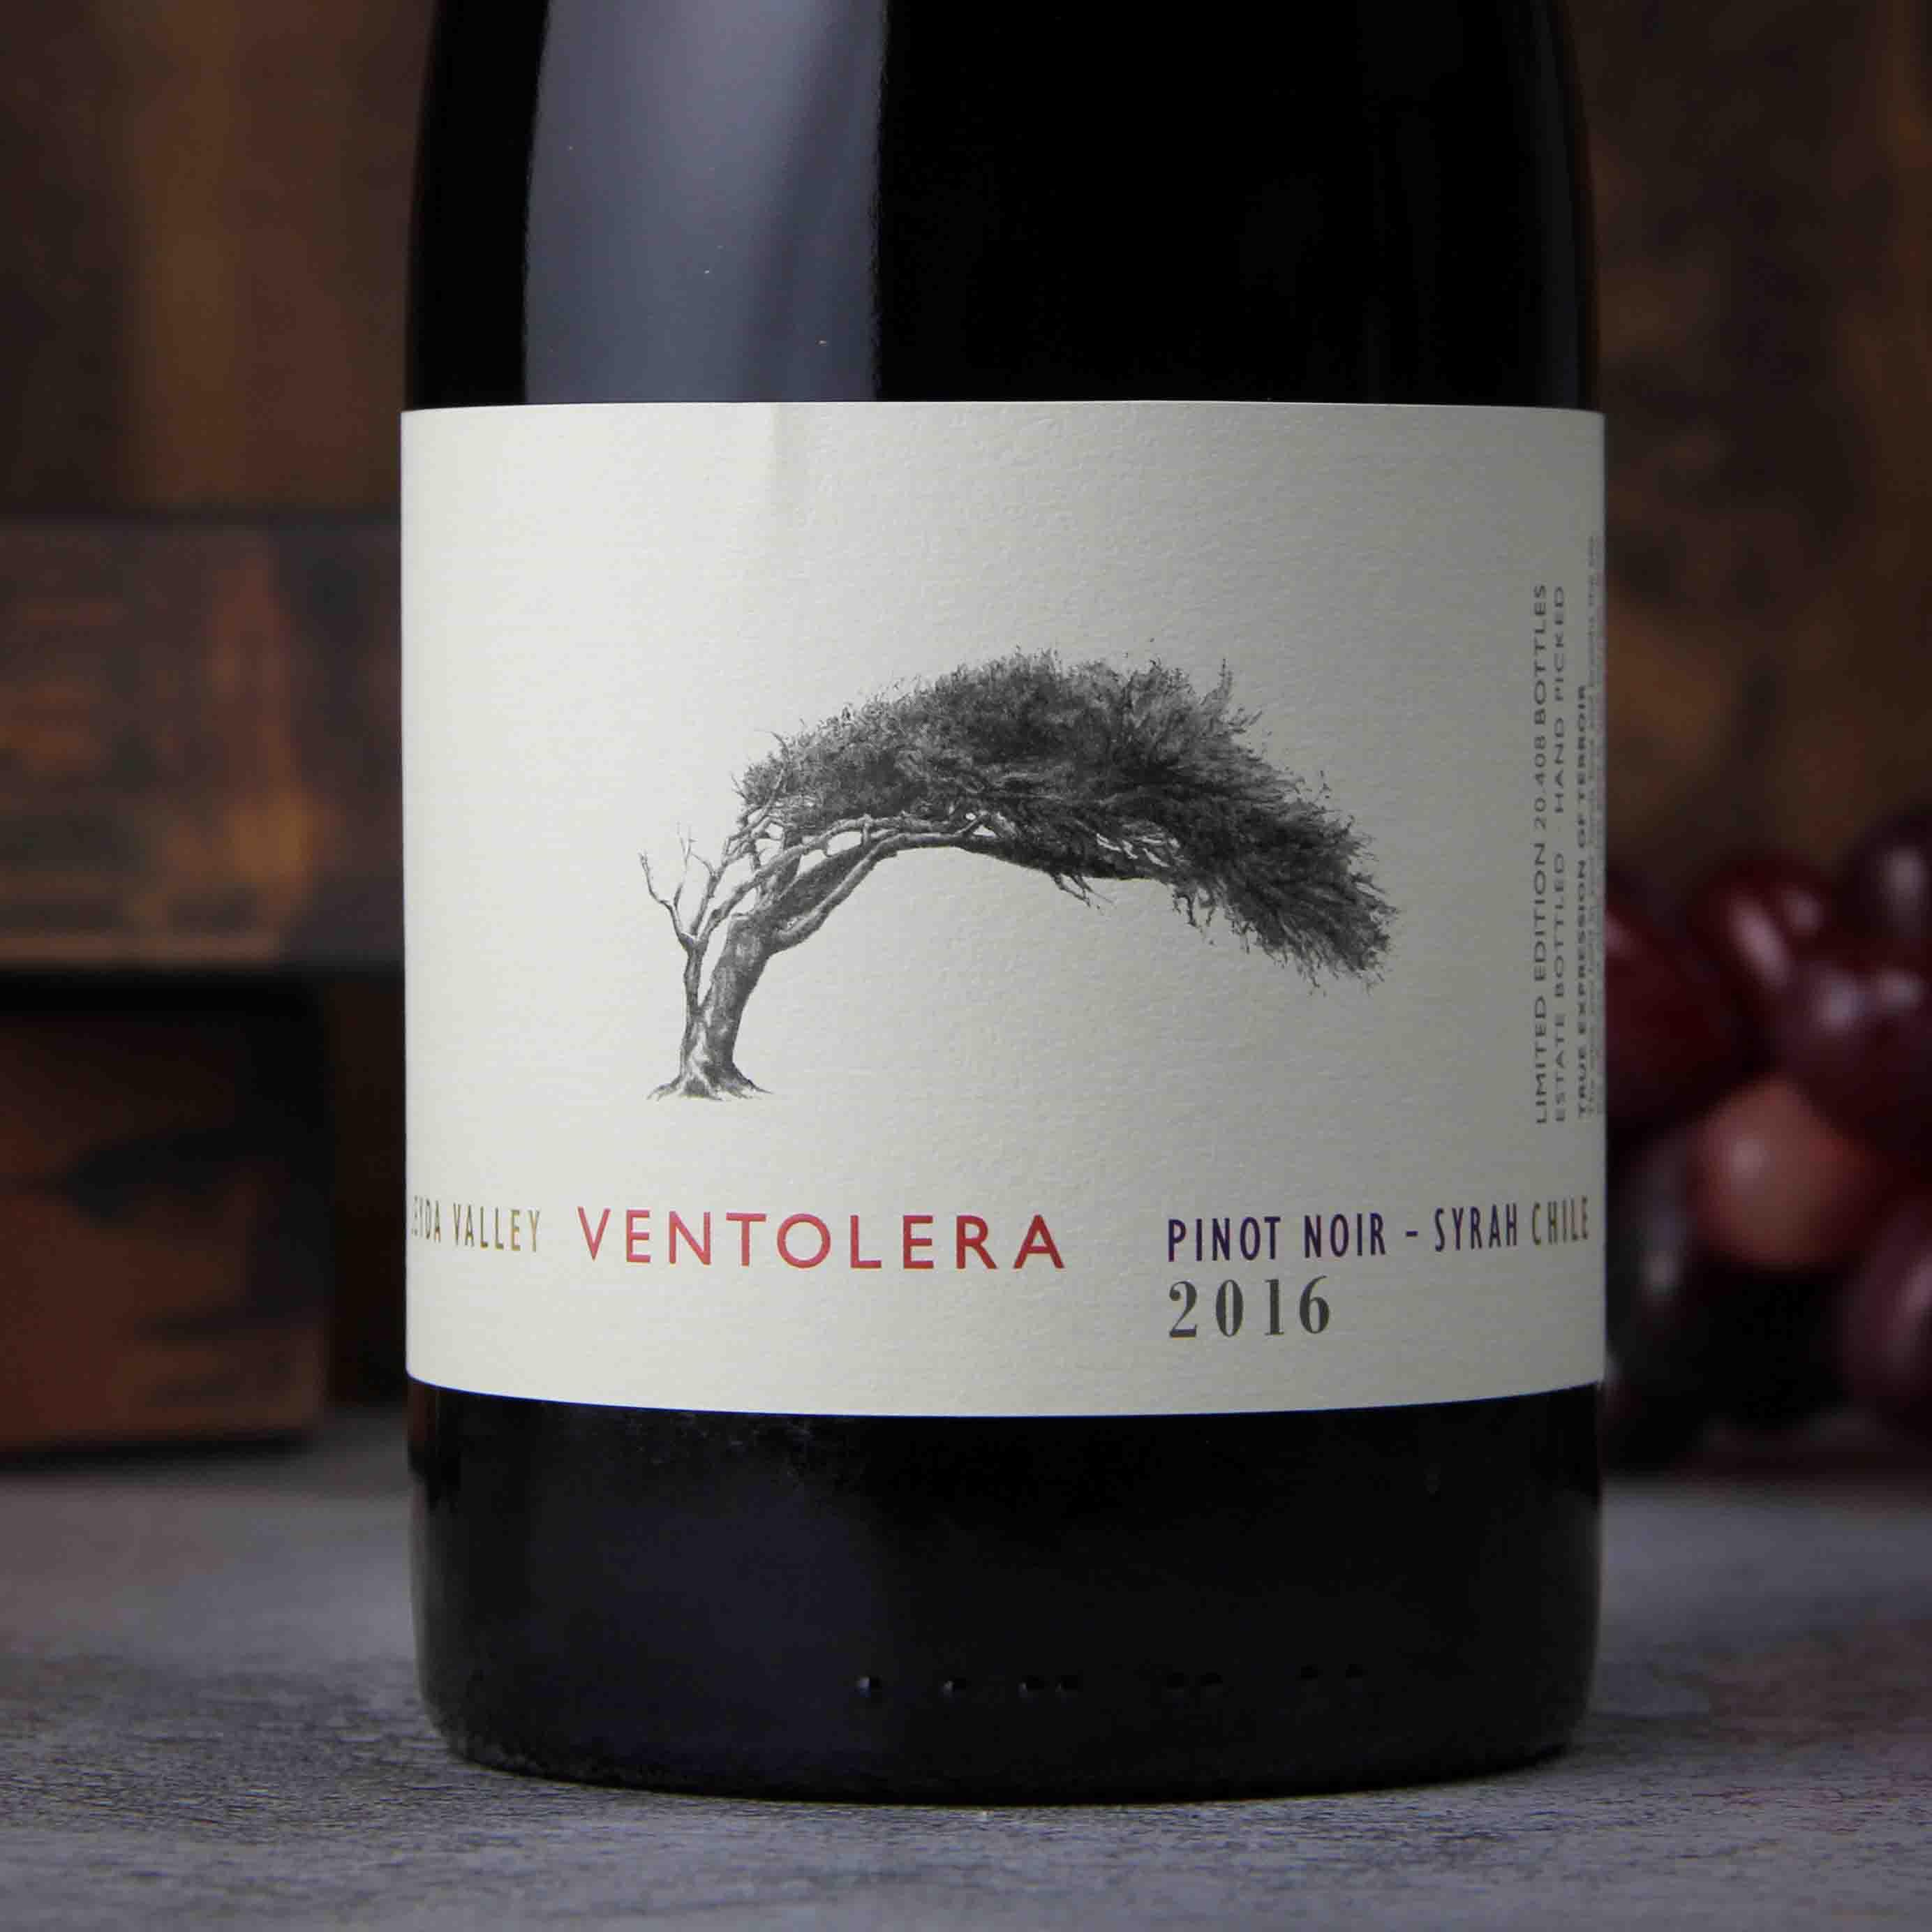 智利莱达山谷文特莱拉黑皮诺西拉干红葡萄酒